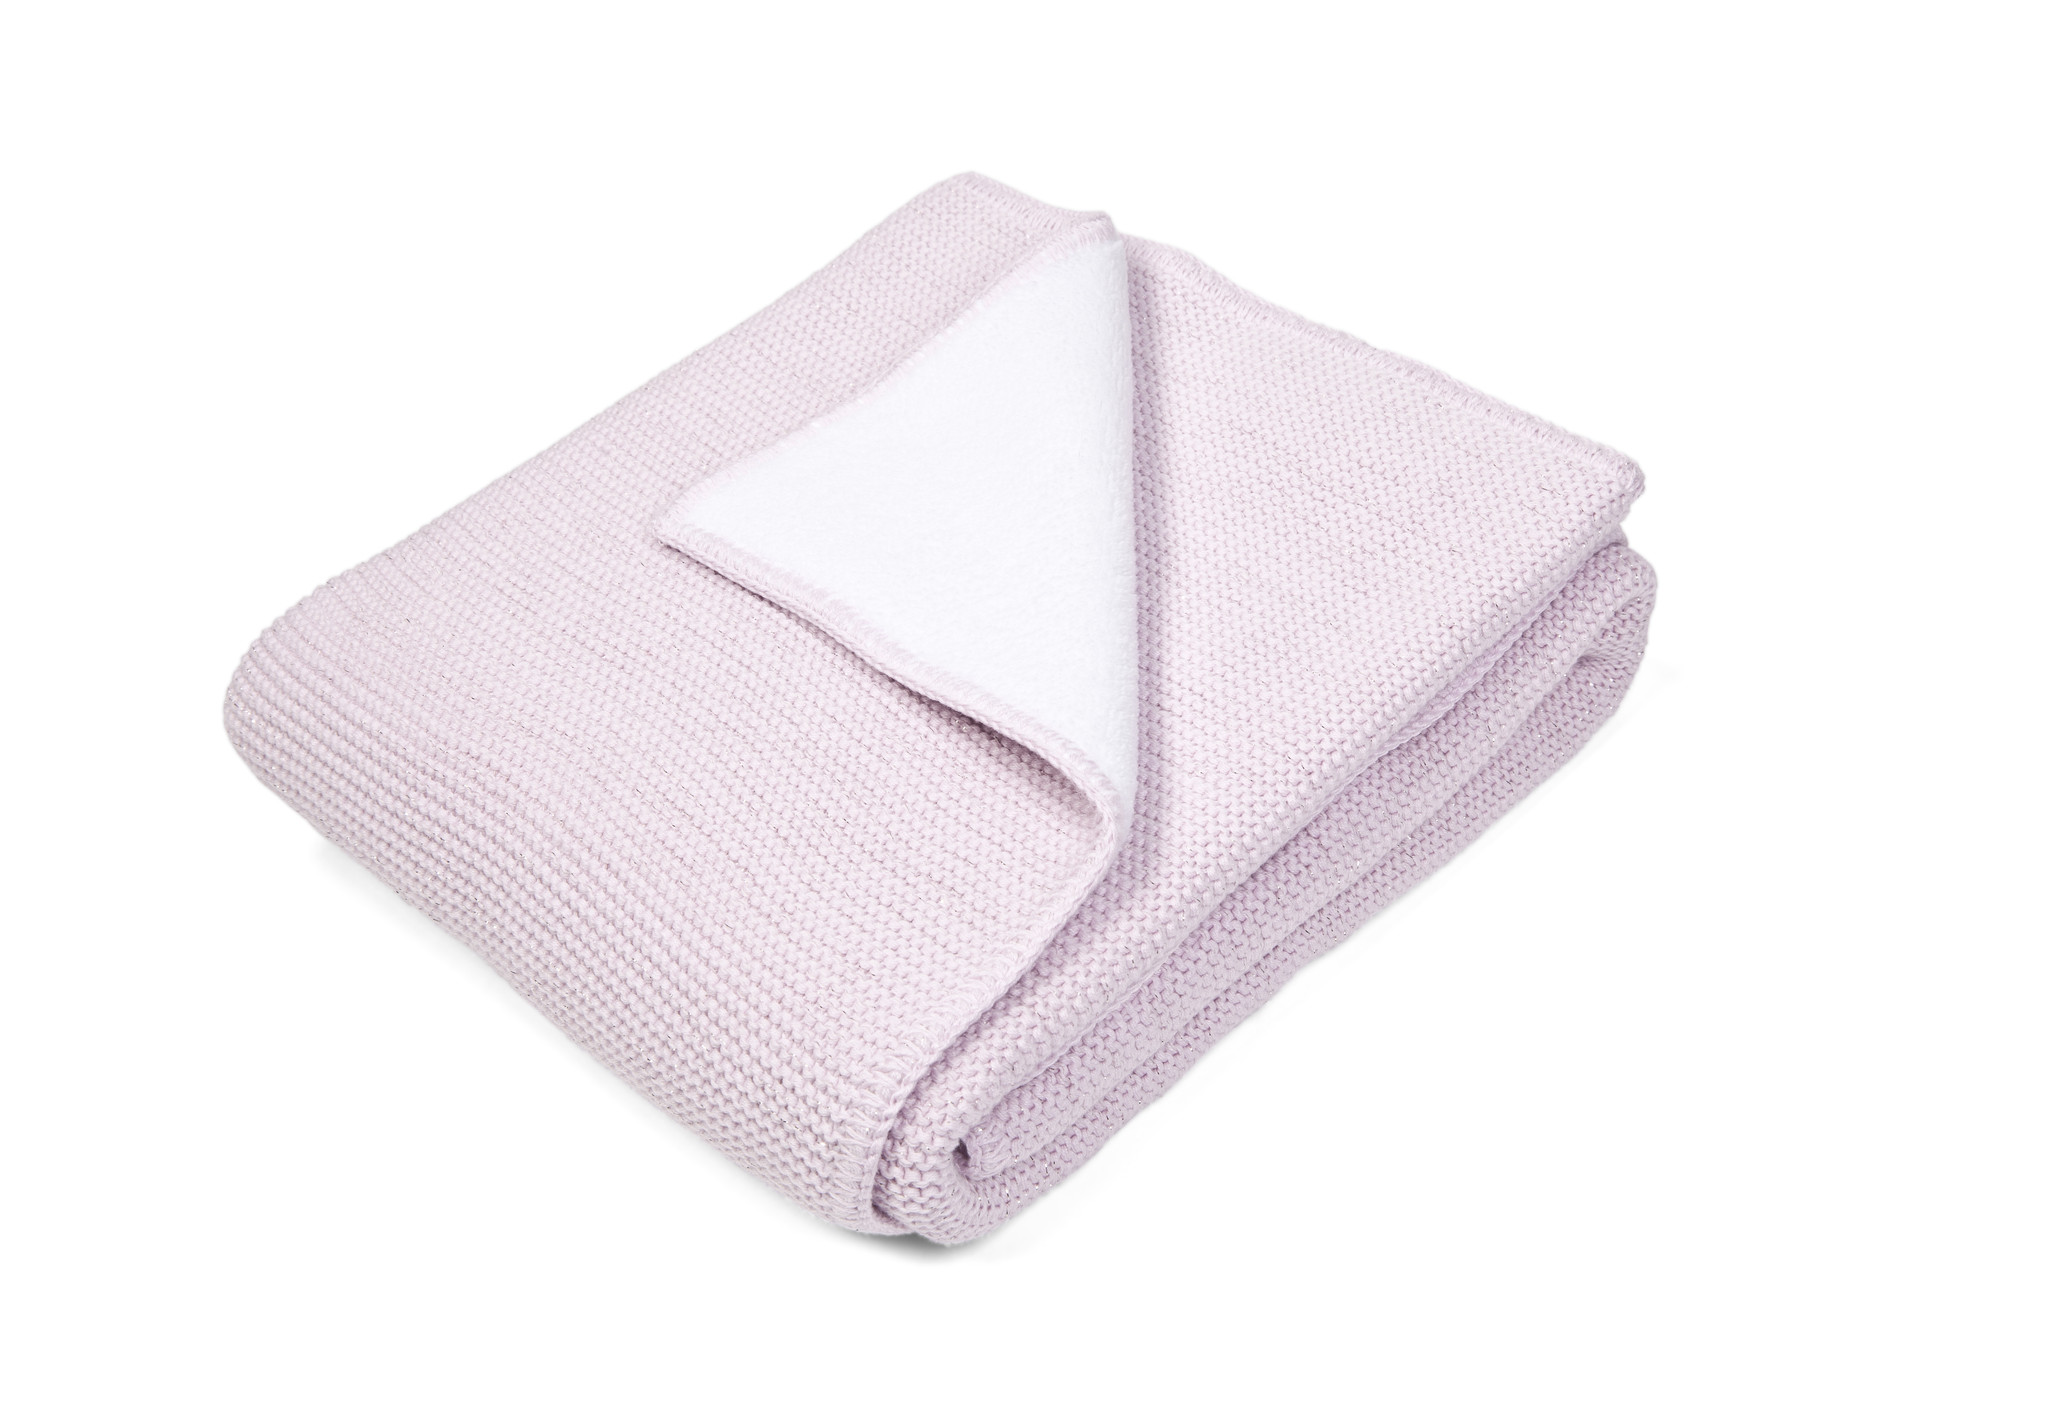 Ledikant deken gevoerd met zachte glans Pink-1